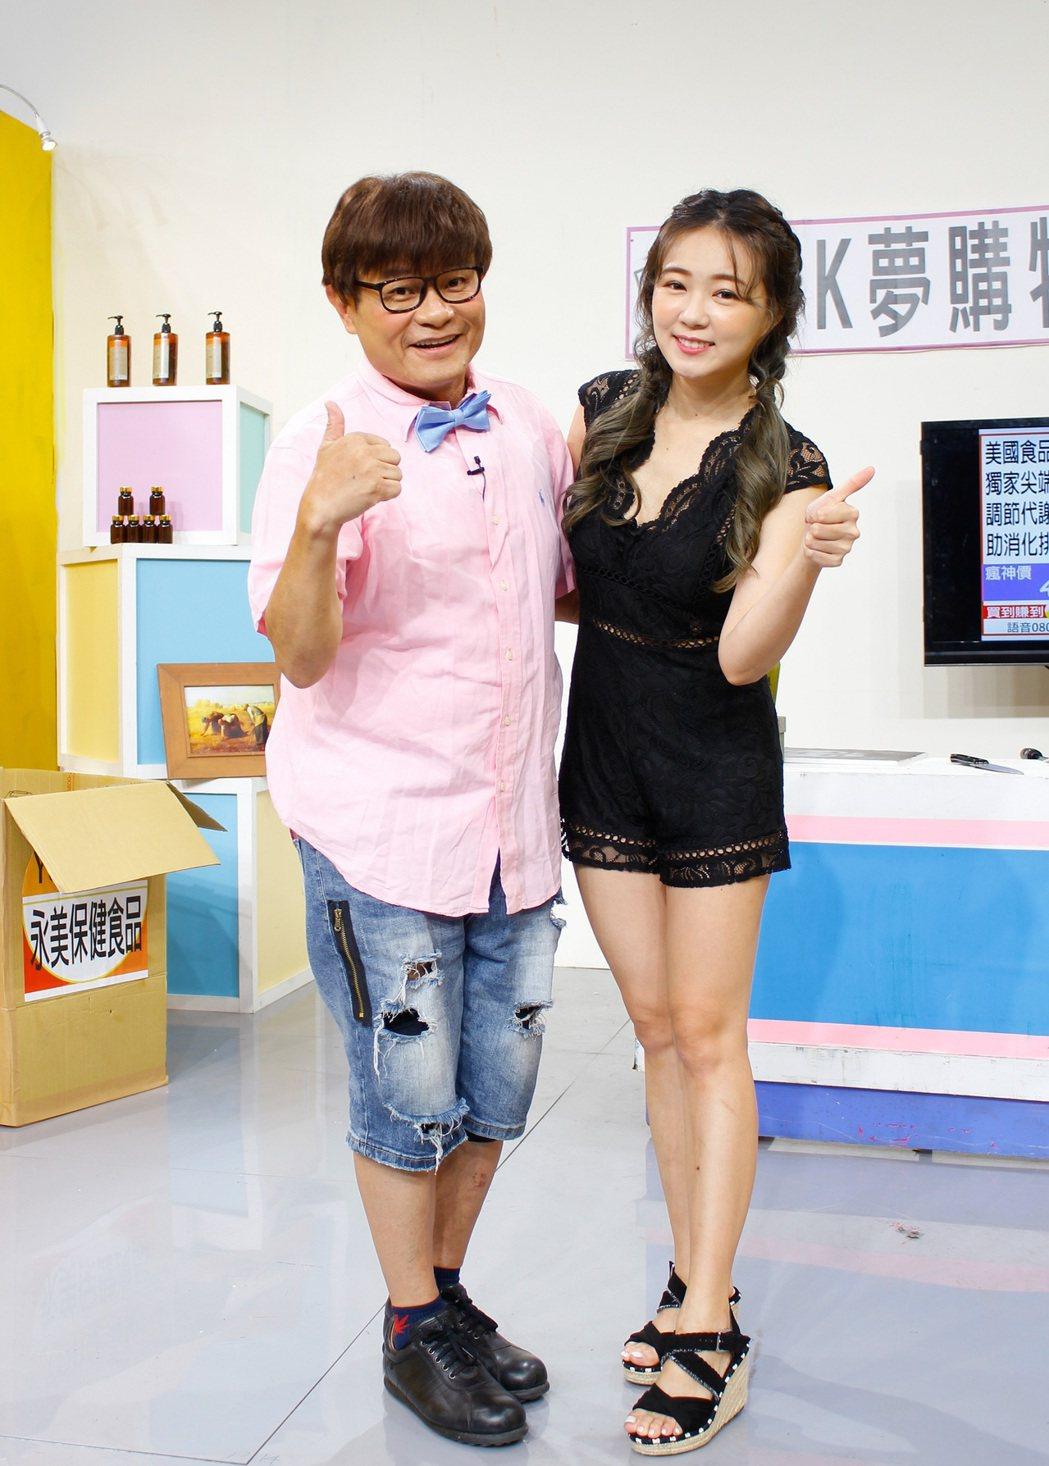 許效舜(左)和詹子晴挑戰無台詞即興演出。圖/衛視提供